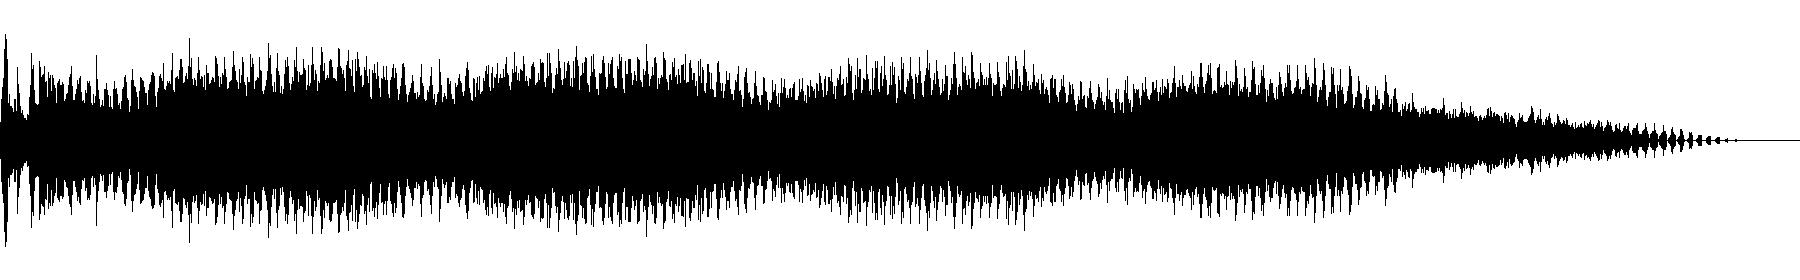 bluezone xworld sound 113